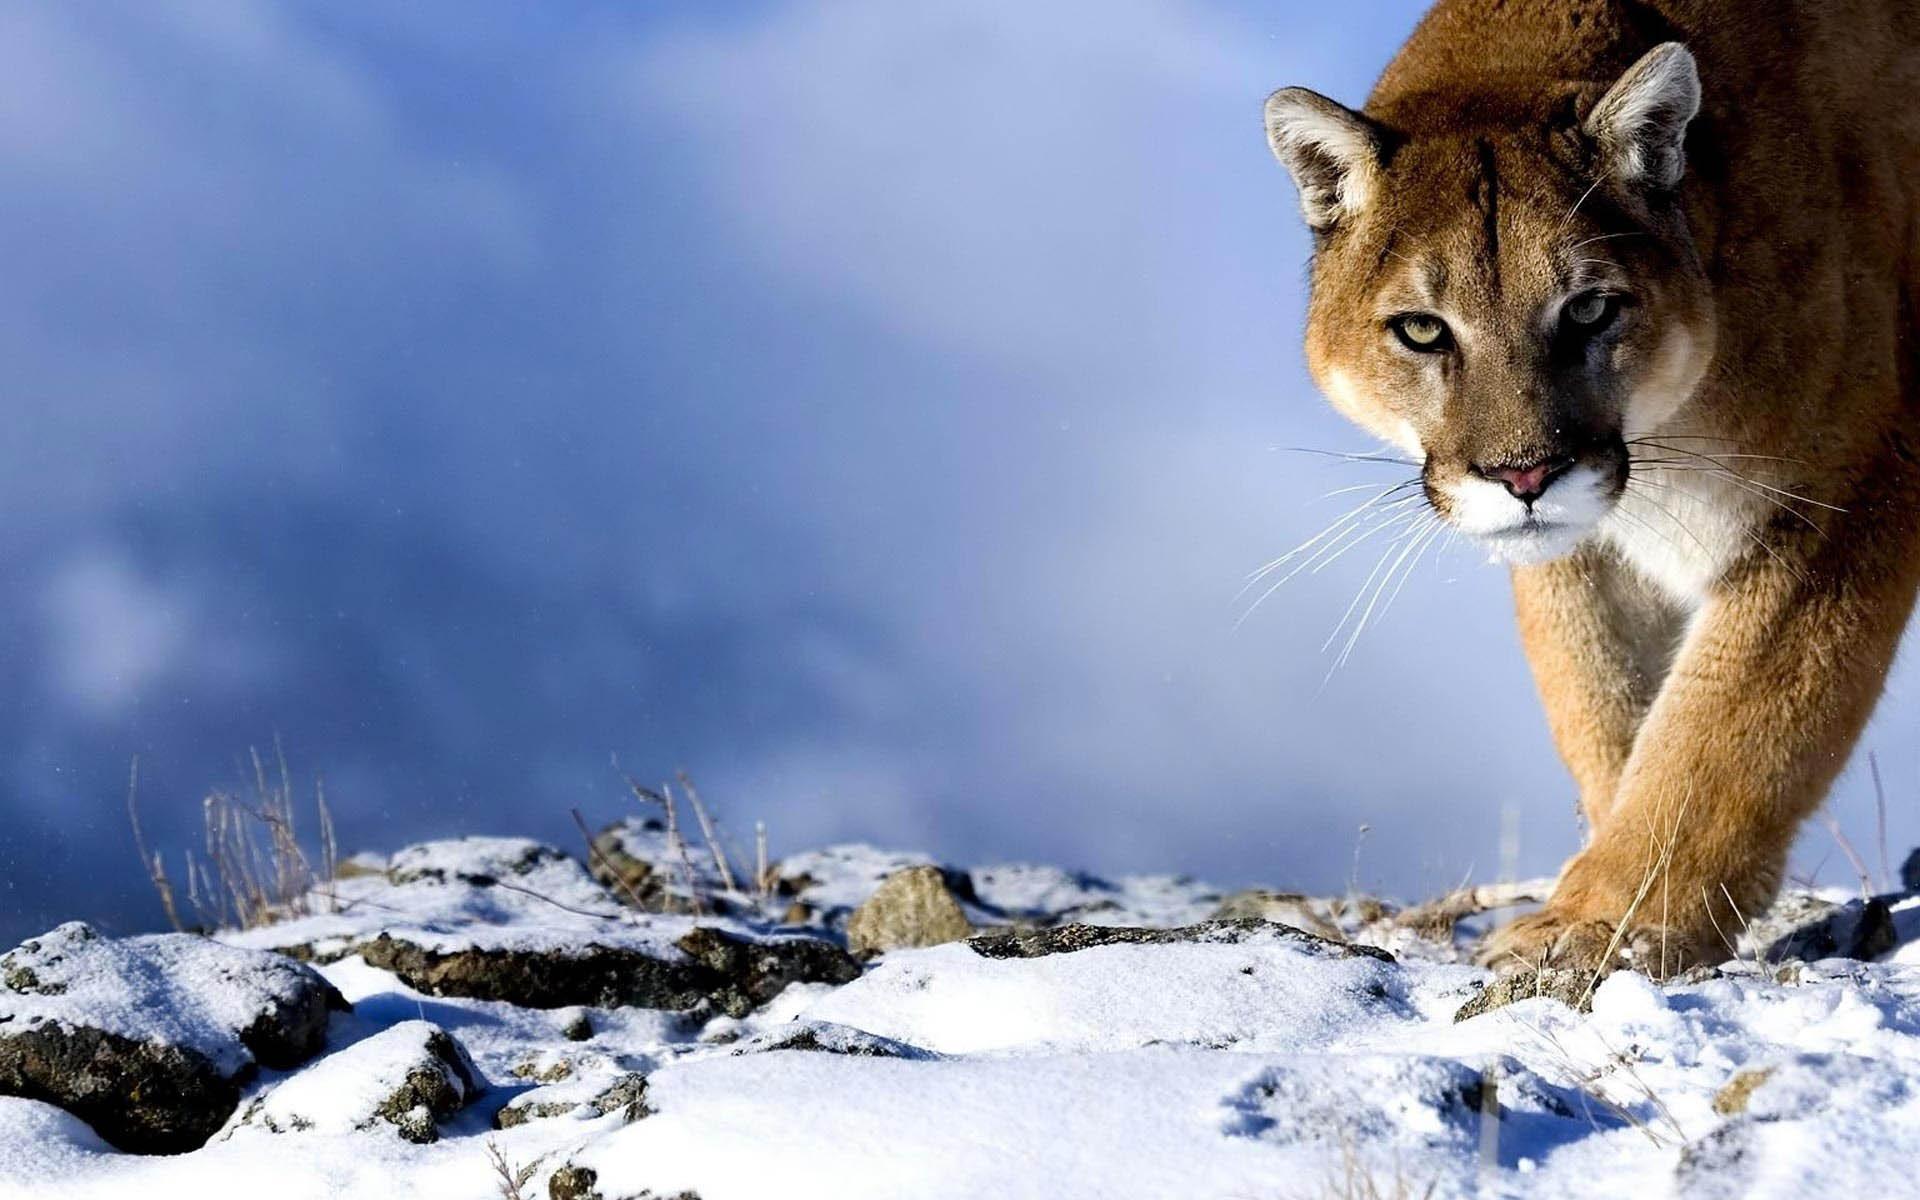 Free Download Description Osx Mountain Lion Wallpaper Is A Hi Res